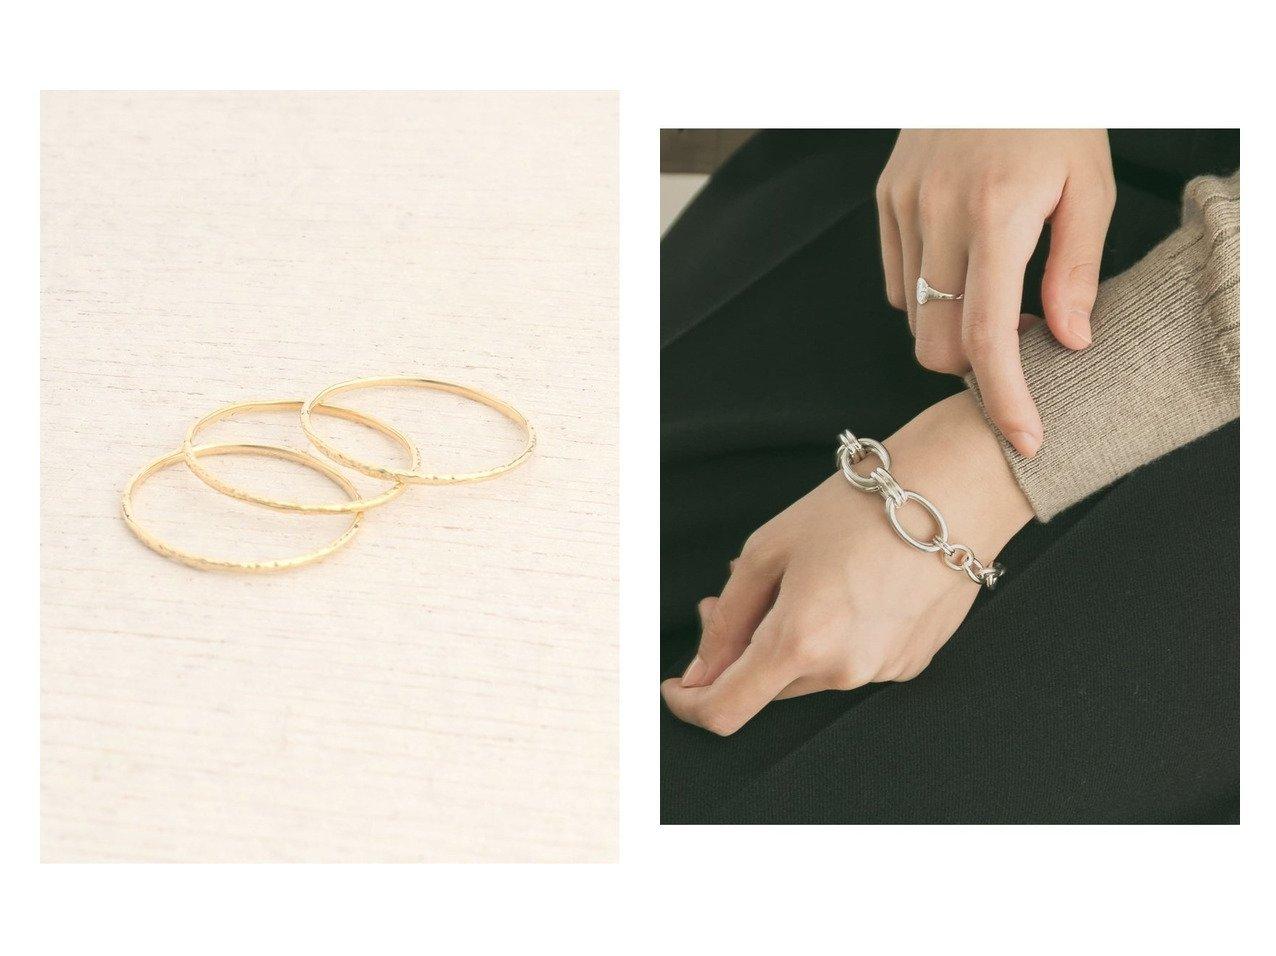 【URBAN RESEARCH/アーバンリサーチ】のPHILIPPE AUDIBERT Rony bracelet&【RiRa/リラ】のAG テクスチャー3ボンリングK10 おすすめ!人気、トレンド・レディースファッションの通販  おすすめで人気の流行・トレンド、ファッションの通販商品 メンズファッション・キッズファッション・インテリア・家具・レディースファッション・服の通販 founy(ファニー) https://founy.com/ ファッション Fashion レディースファッション WOMEN ジュエリー Jewelry ブレスレット Bracelets アクセサリー ジュエリー テクスチャー パール ベーシック シンプル スタイリッシュ フランス ブレスレット |ID:crp329100000015942